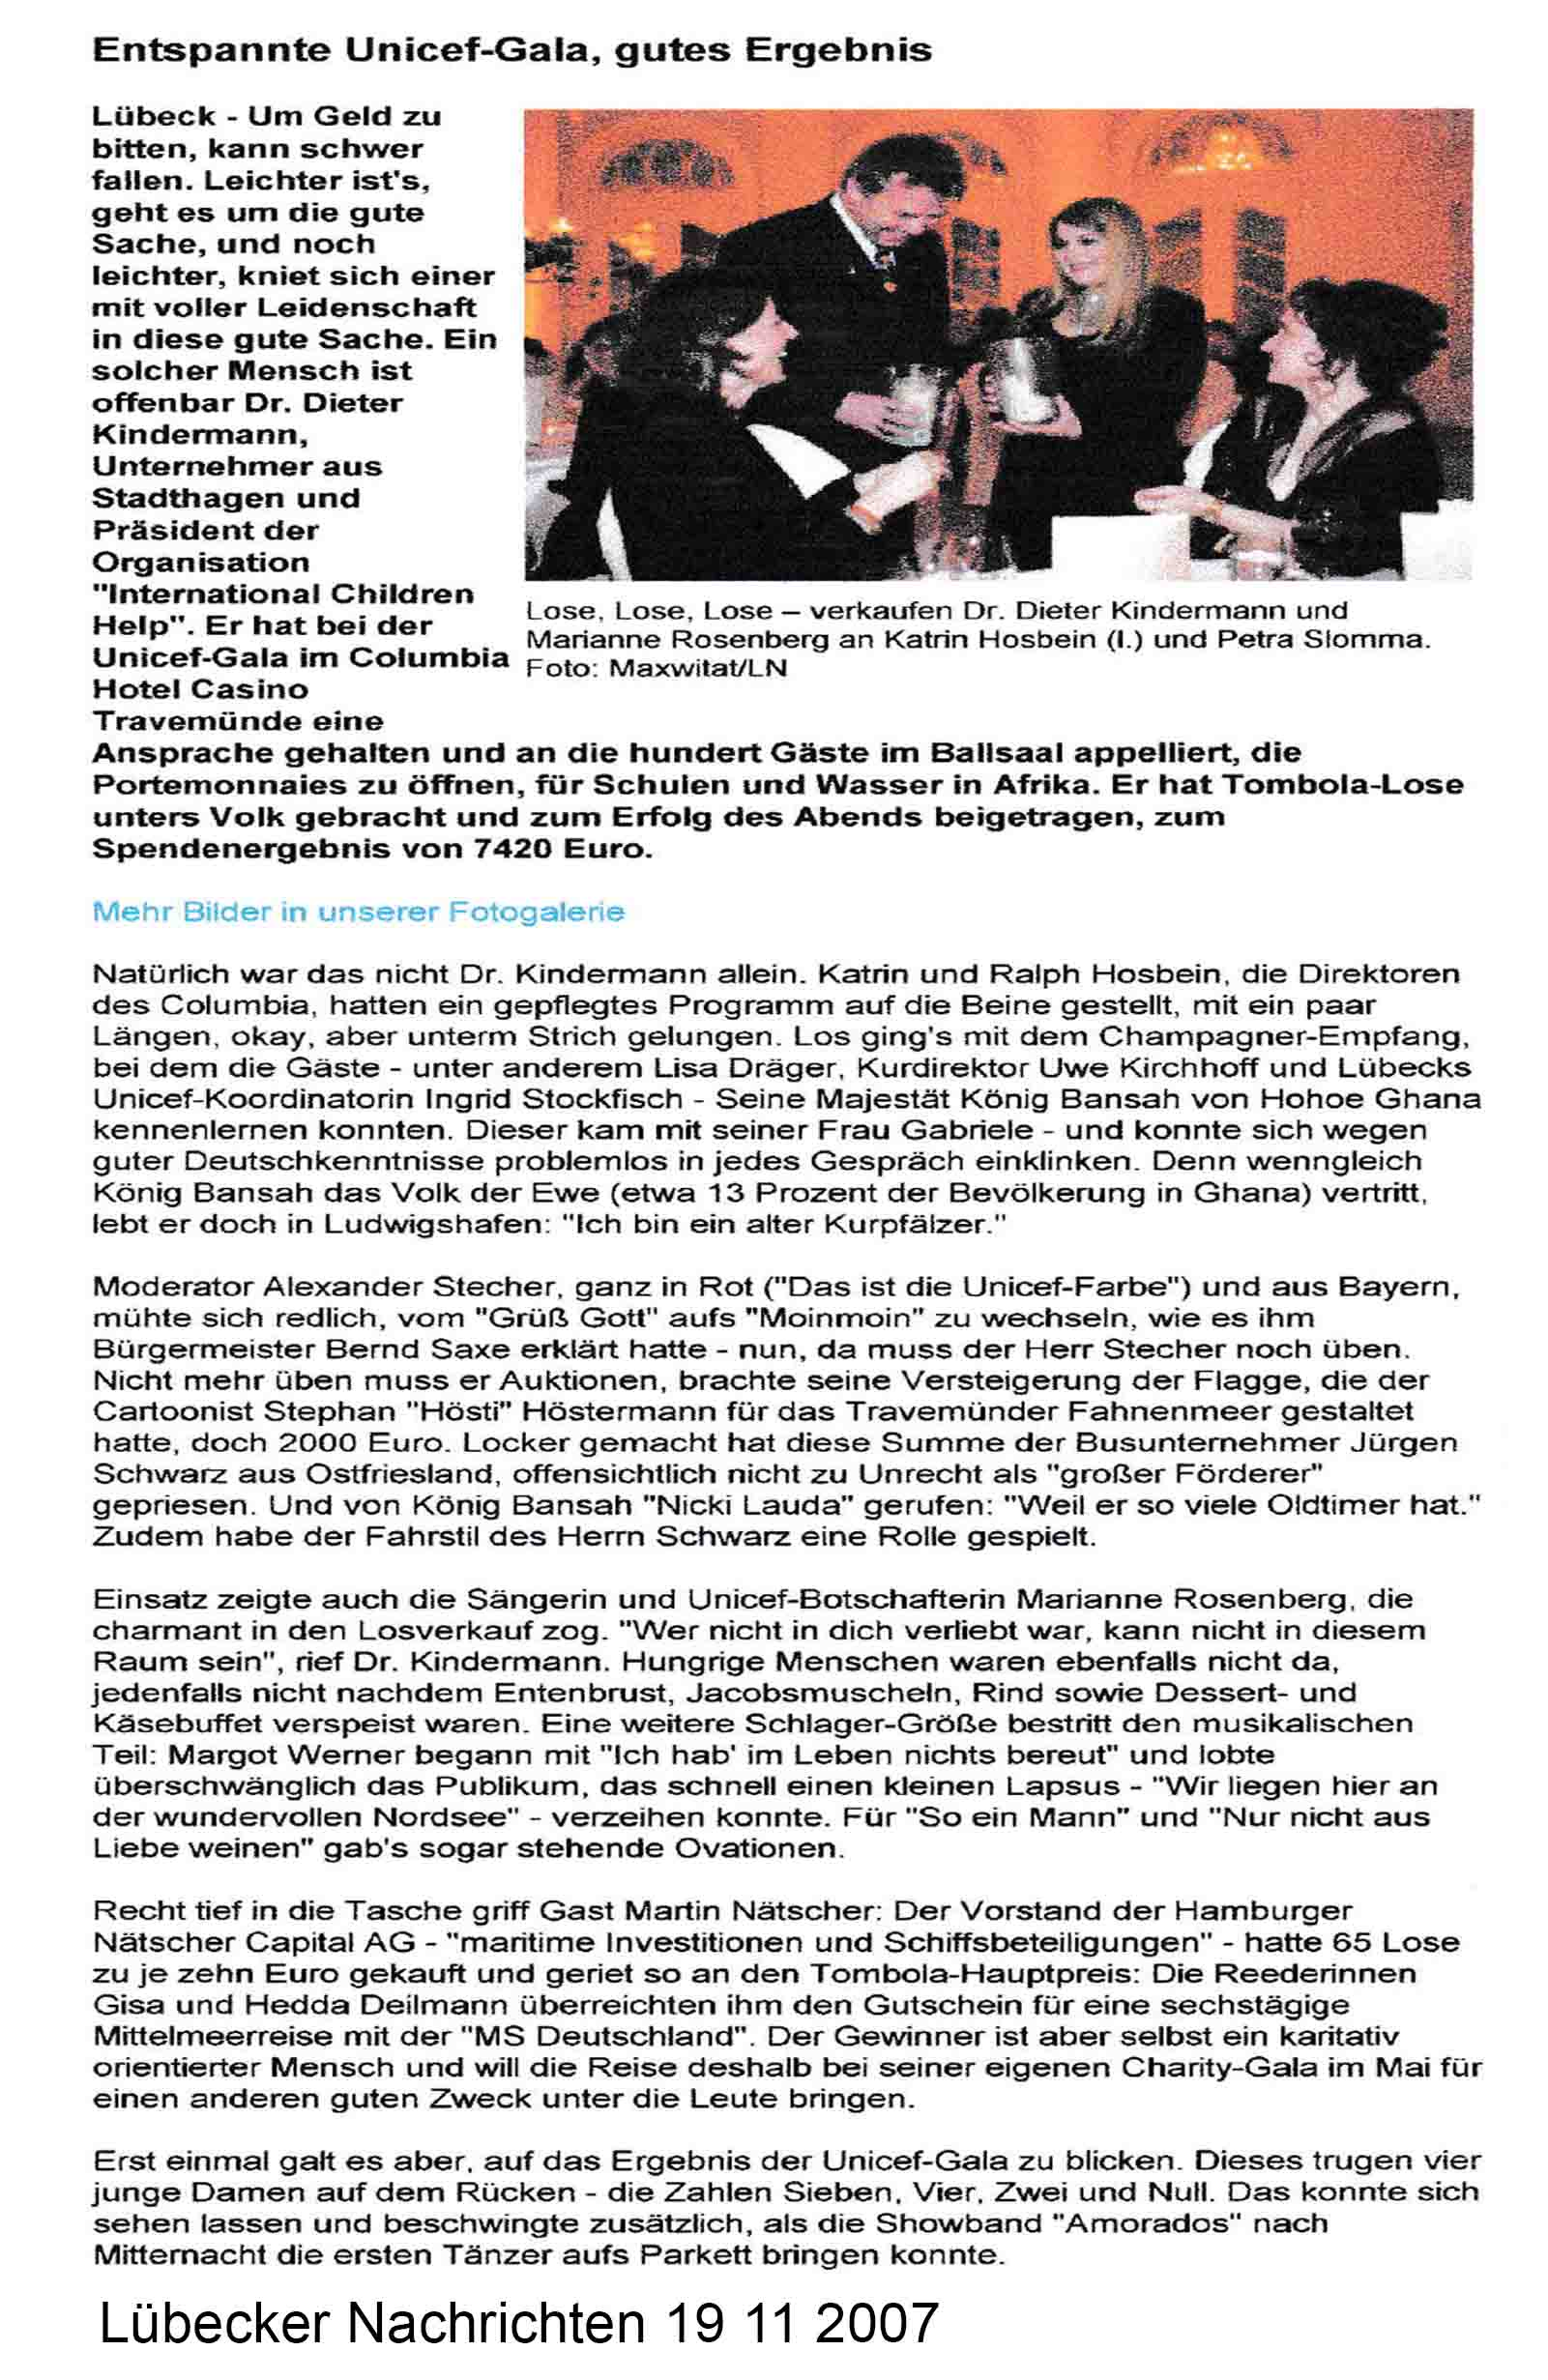 Lübecker Nachrichten 19 11 2007